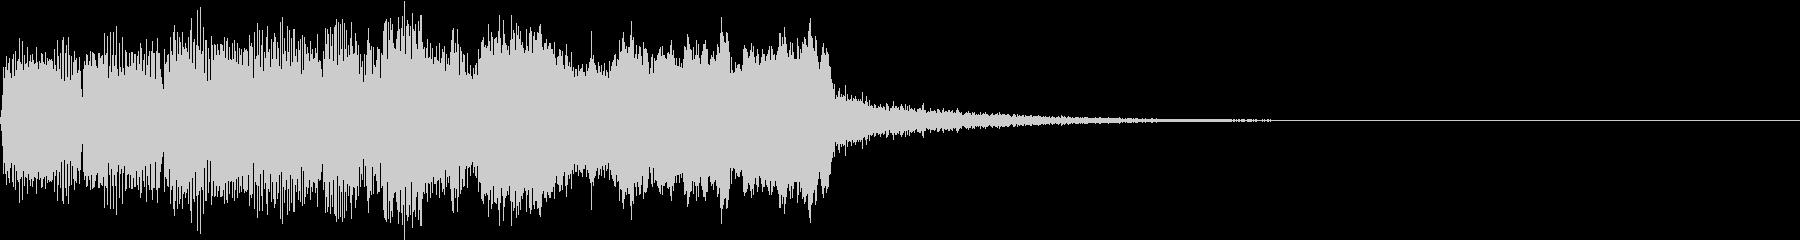 SE ポワーン クイズ出題前 上昇音 6の未再生の波形